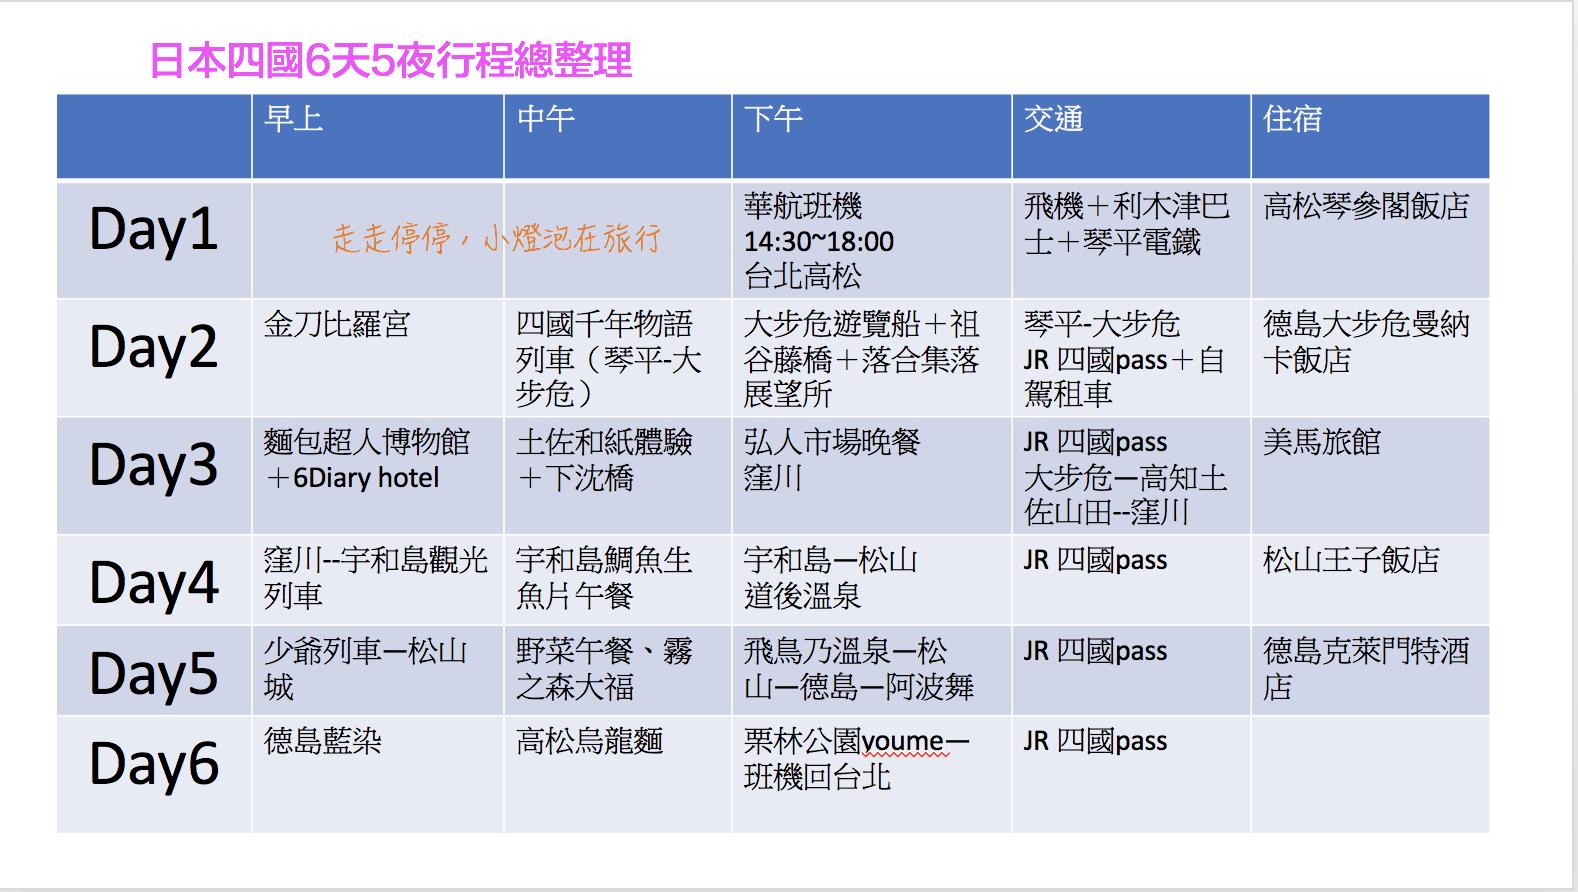 日本四國懶人包攻略|四國六天五夜行程總整理。四國JR PASS,高松、德島、高知、松山一次讓你玩夠本